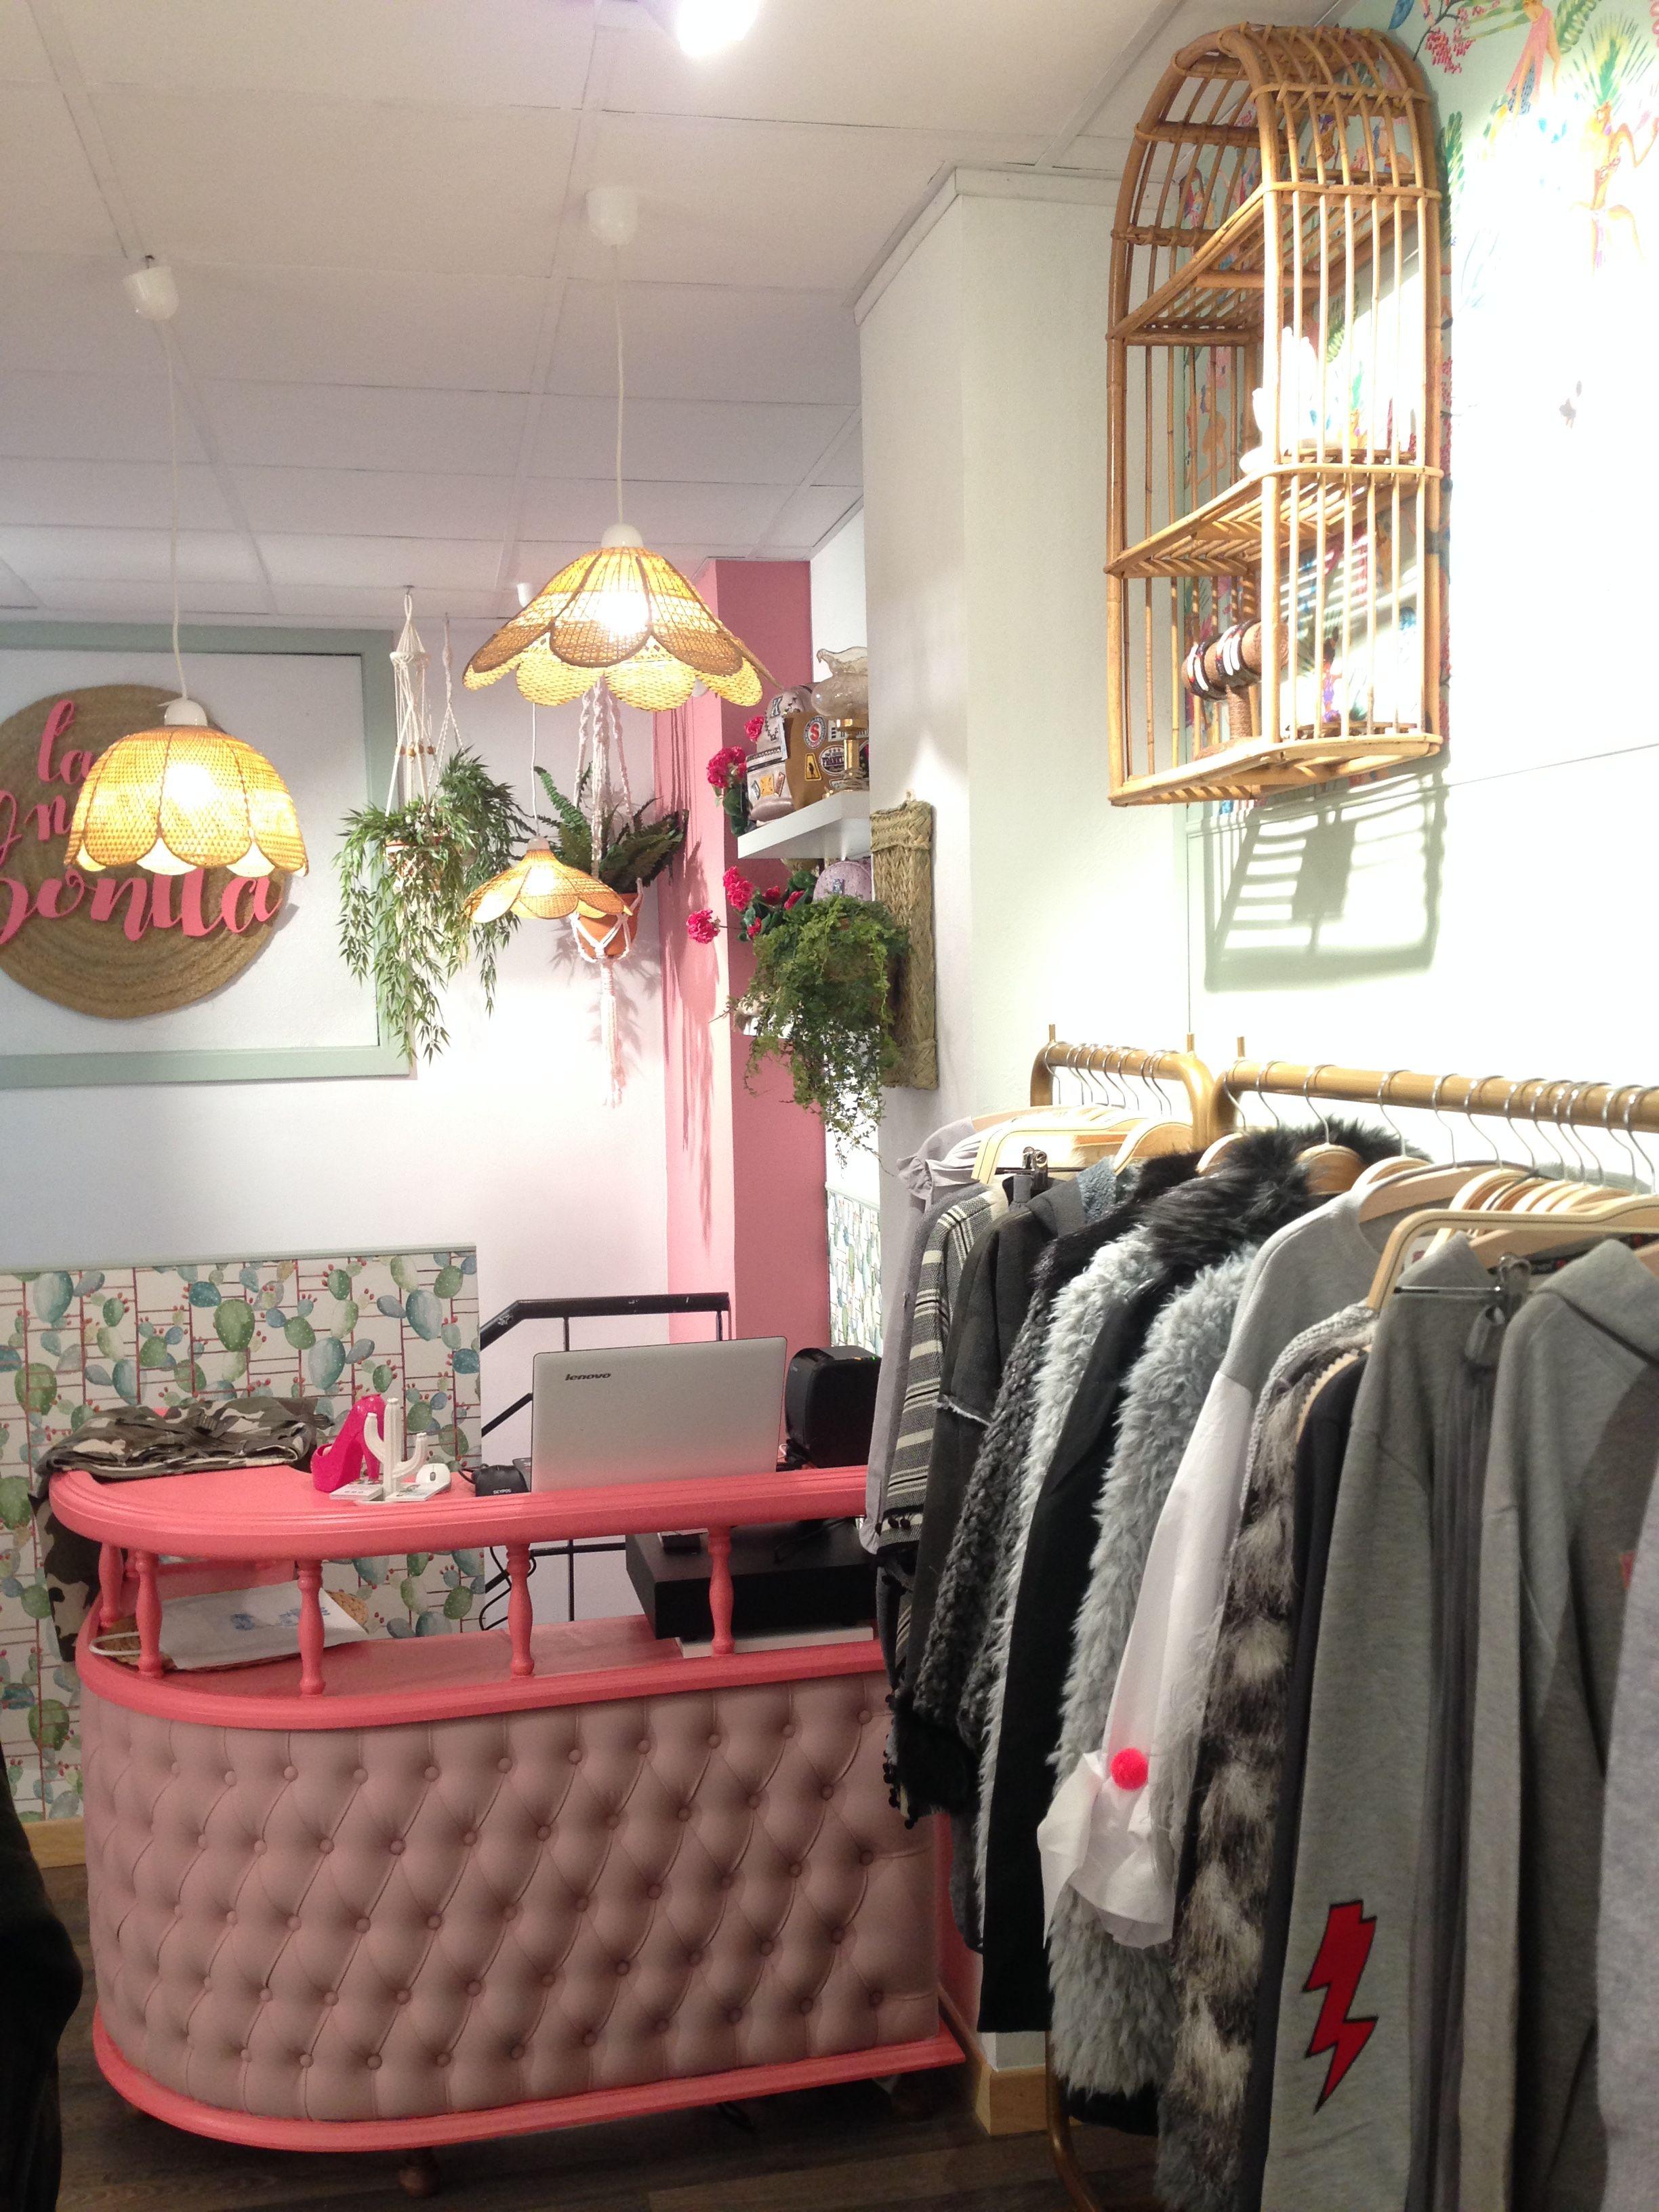 57ee450e5 Decoración Tienda Ropa Chicas. La Niña Bonita Style Room.  Www.filigranaurbana.com